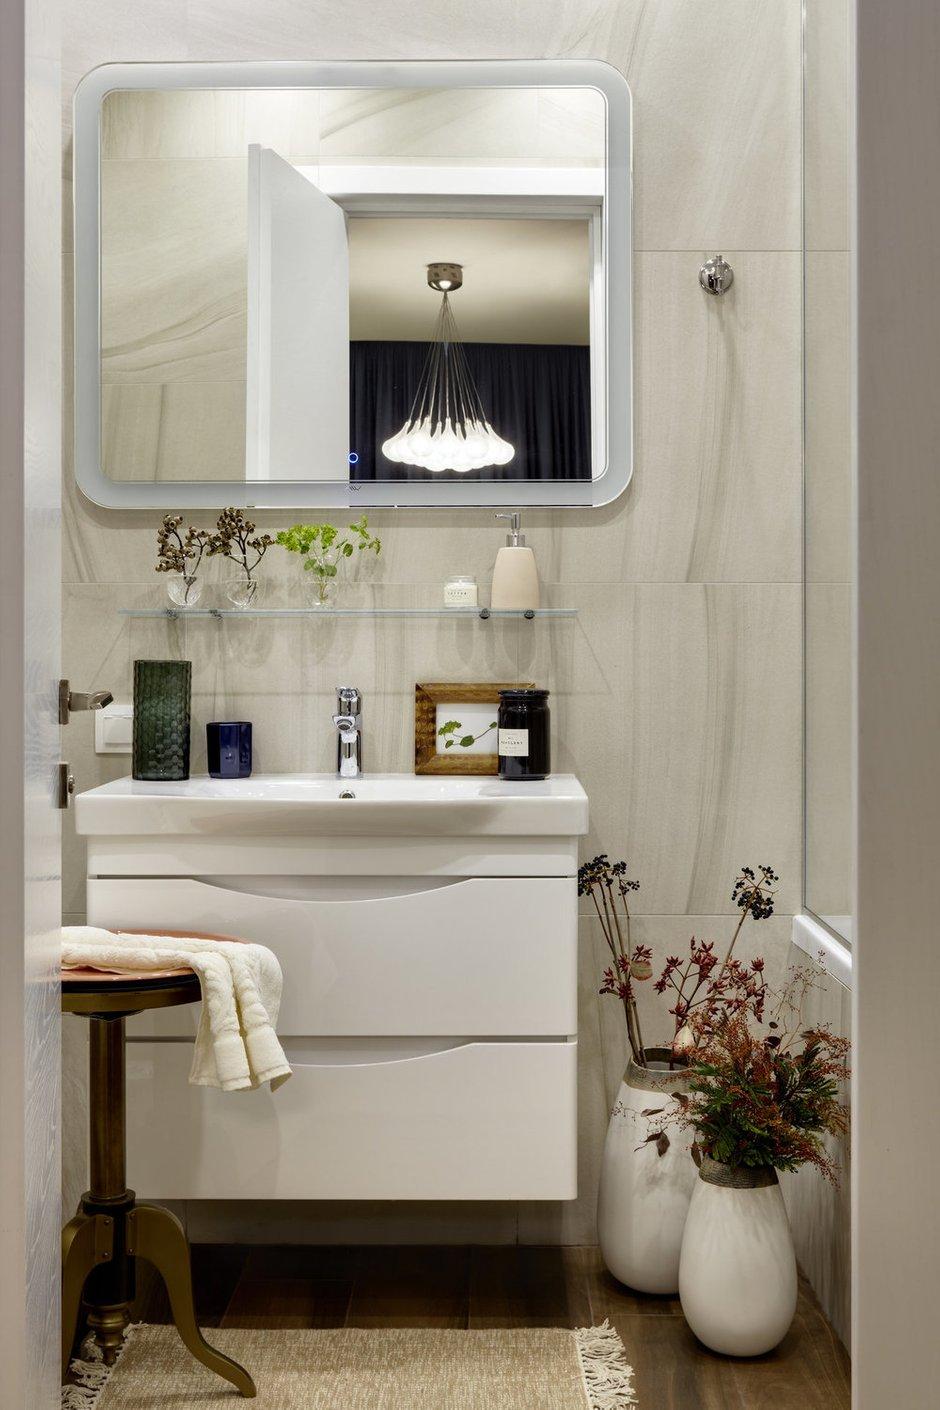 Фотография: Ванная в стиле Современный, Советы, Ремонт на практике, Вероника Марфина – фото на INMYROOM